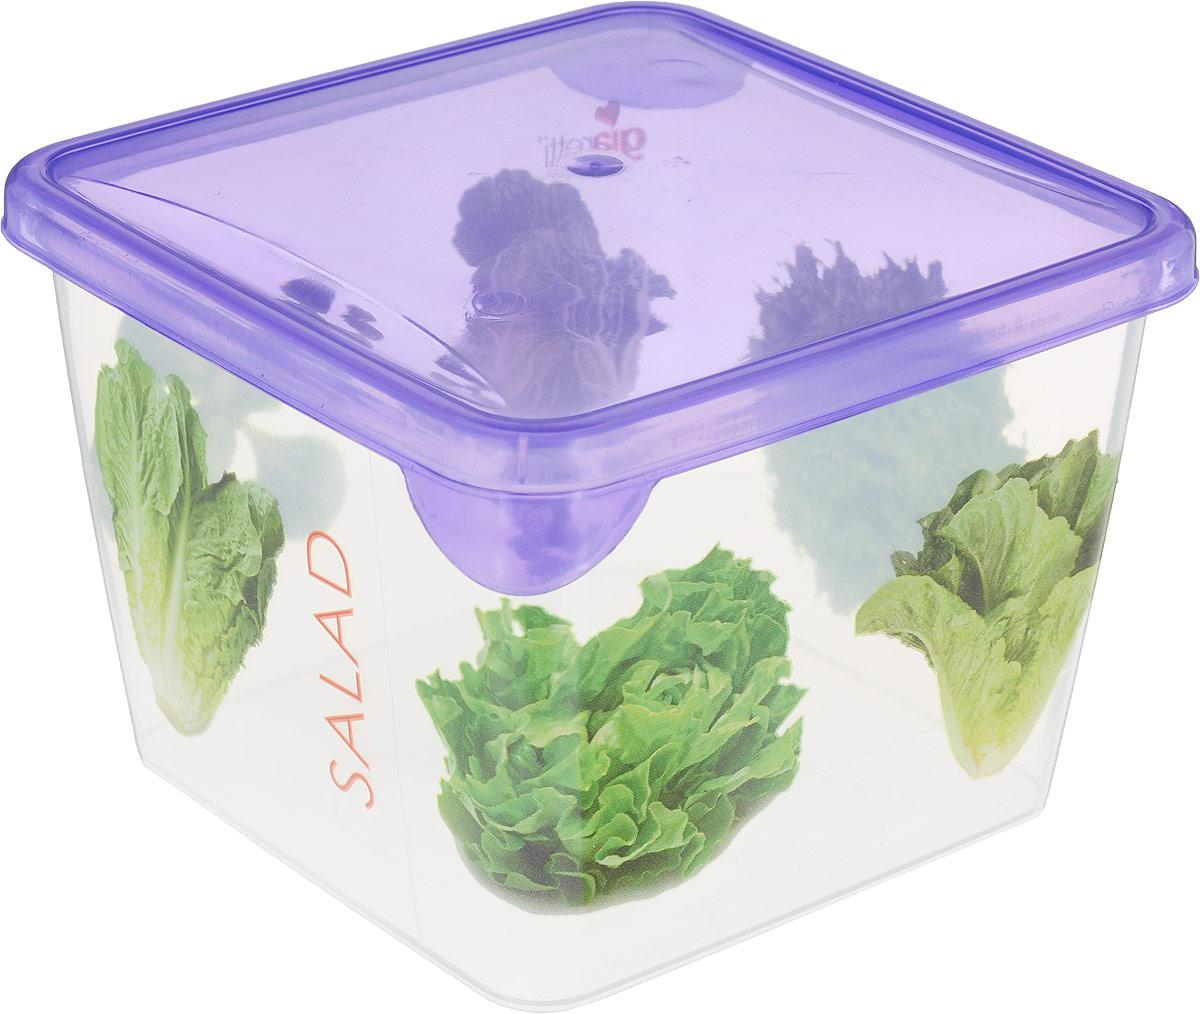 Емкость для продуктов Giaretti Браво, цвет: фиолетовый, прозрачный, 750 мл. GR1065 емкость для продуктов giaretti браво цвет белый прозрачный 900 мл gr1068